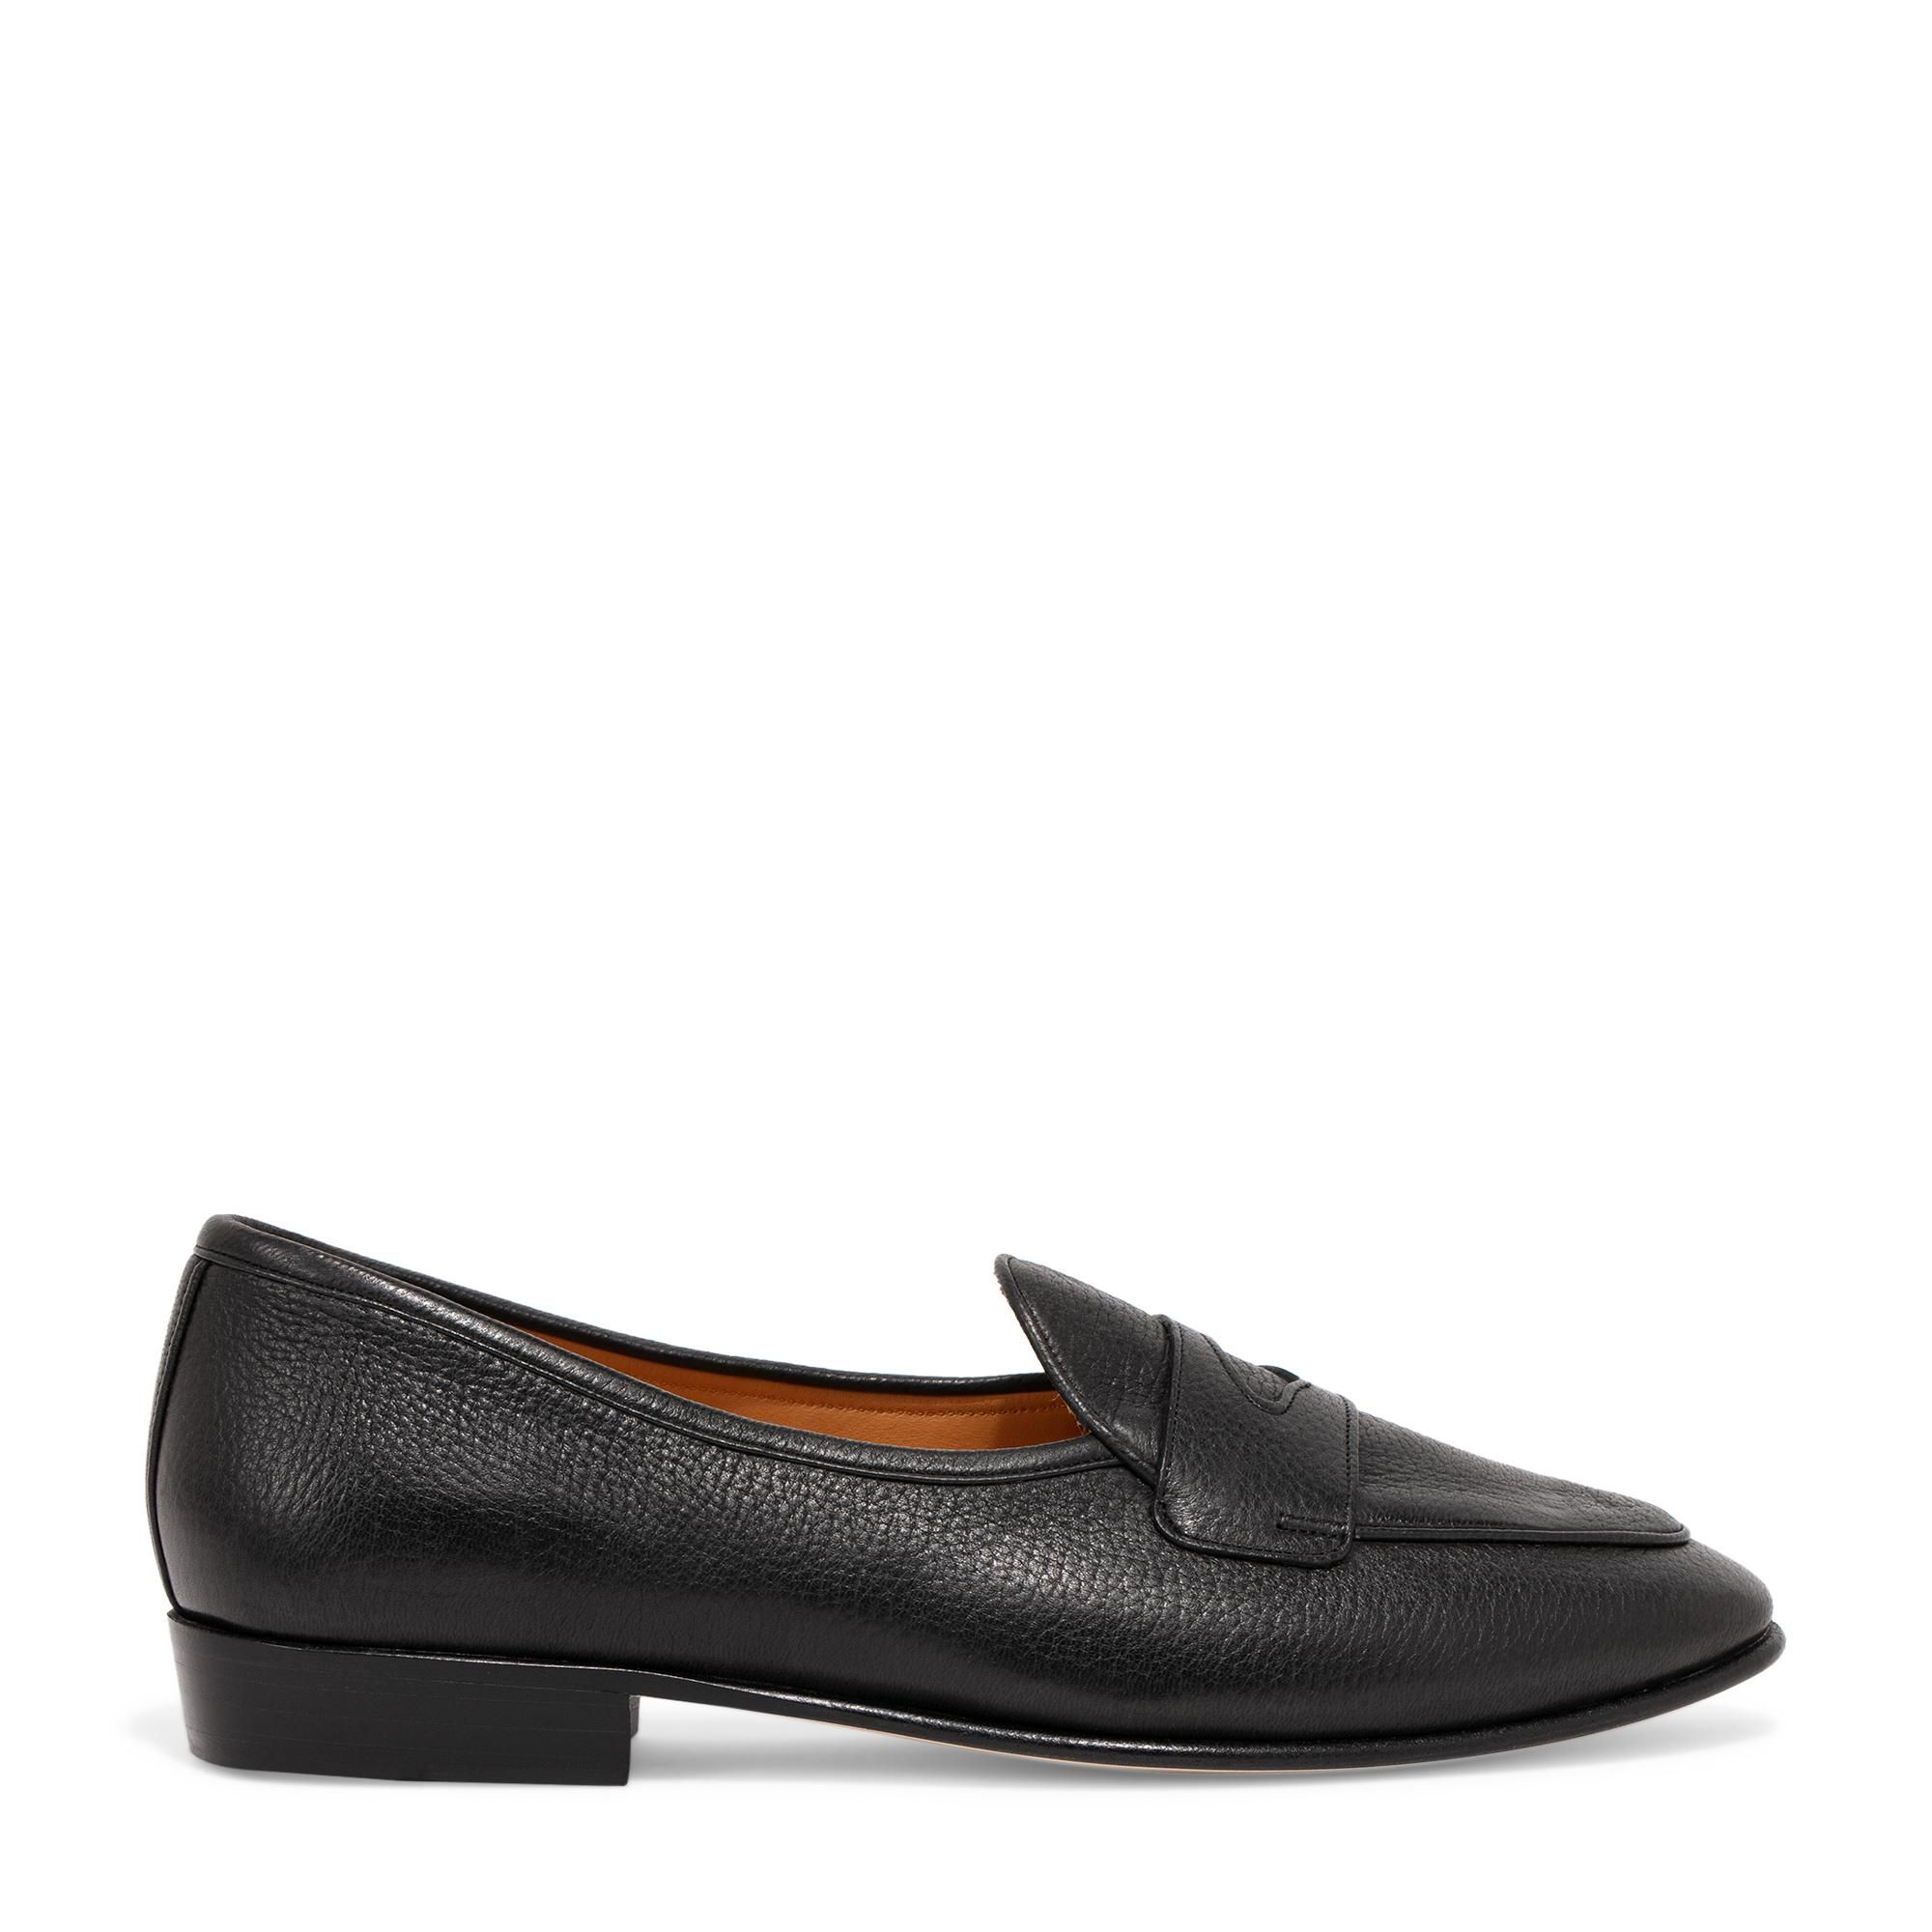 Sagan Gingko loafers